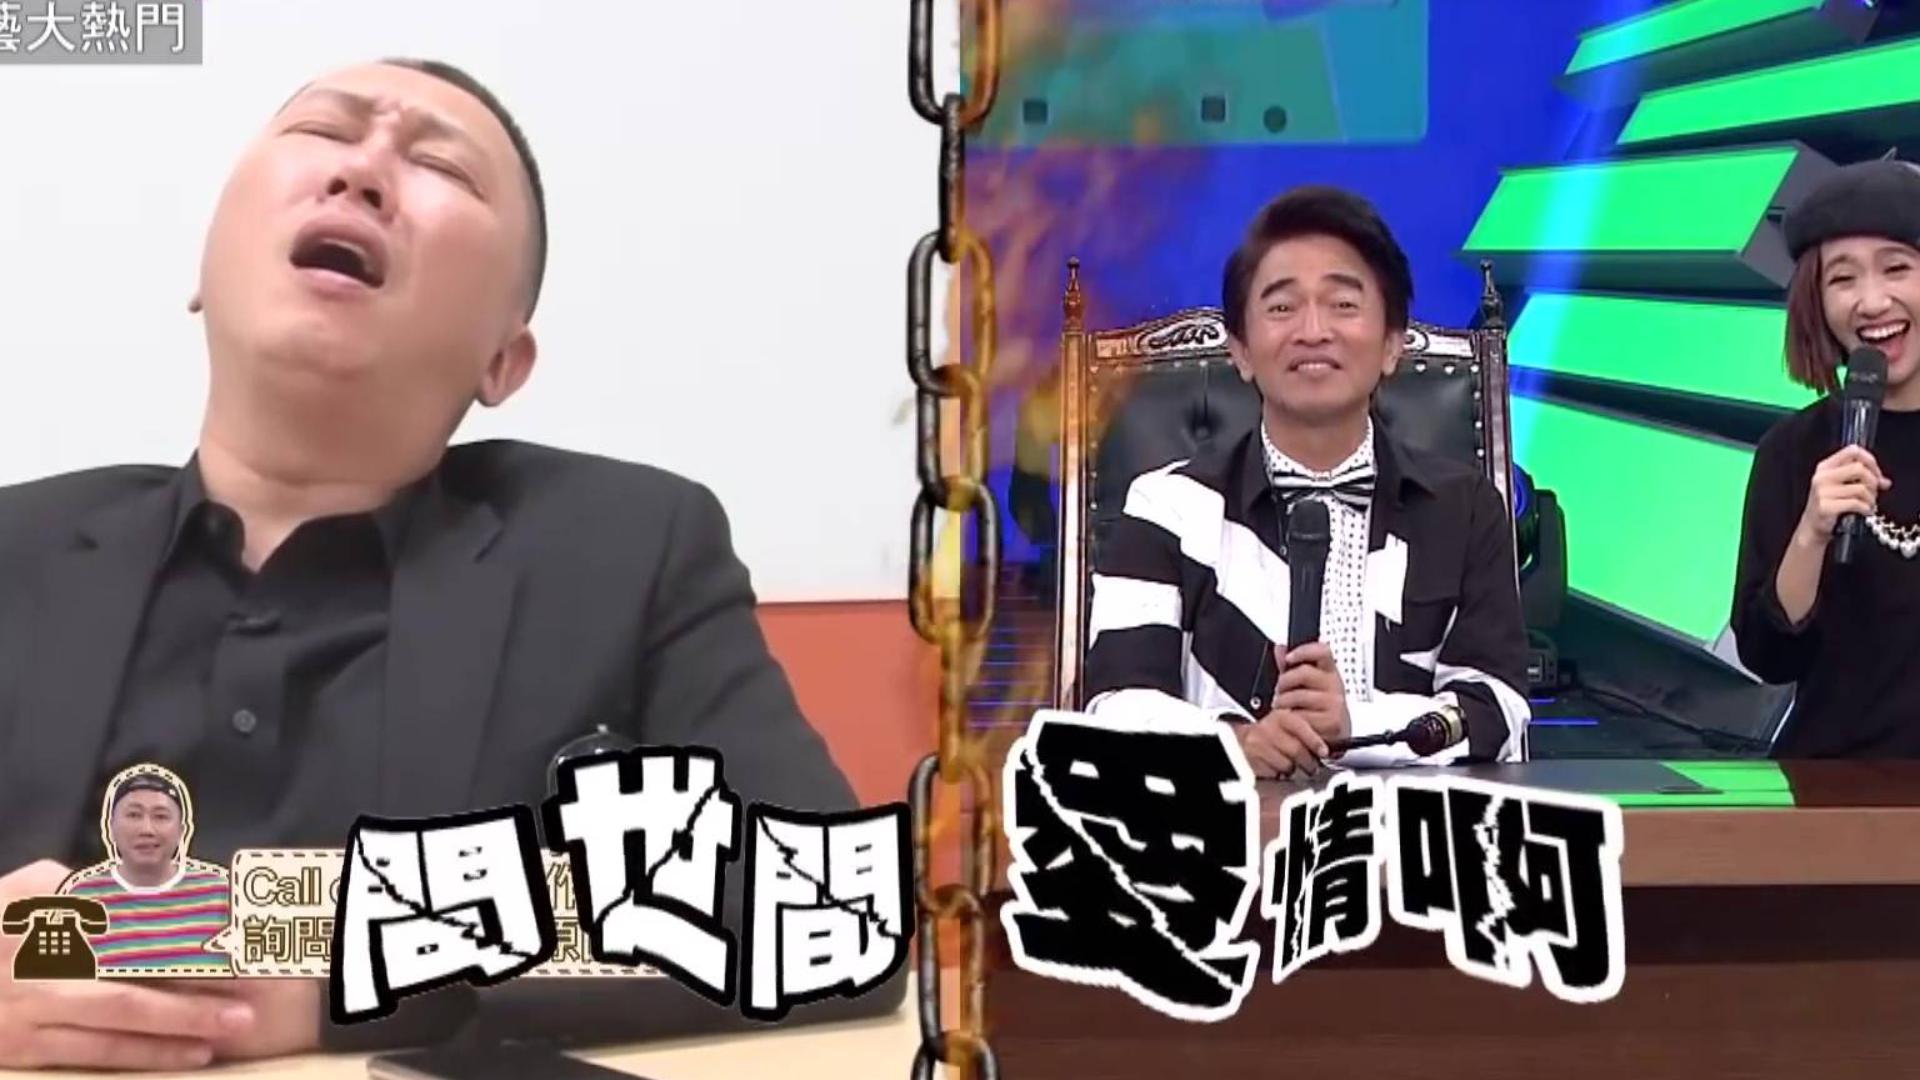 《综艺大热门》赵正平通告大減,争取通告测试直接走心飚骂!